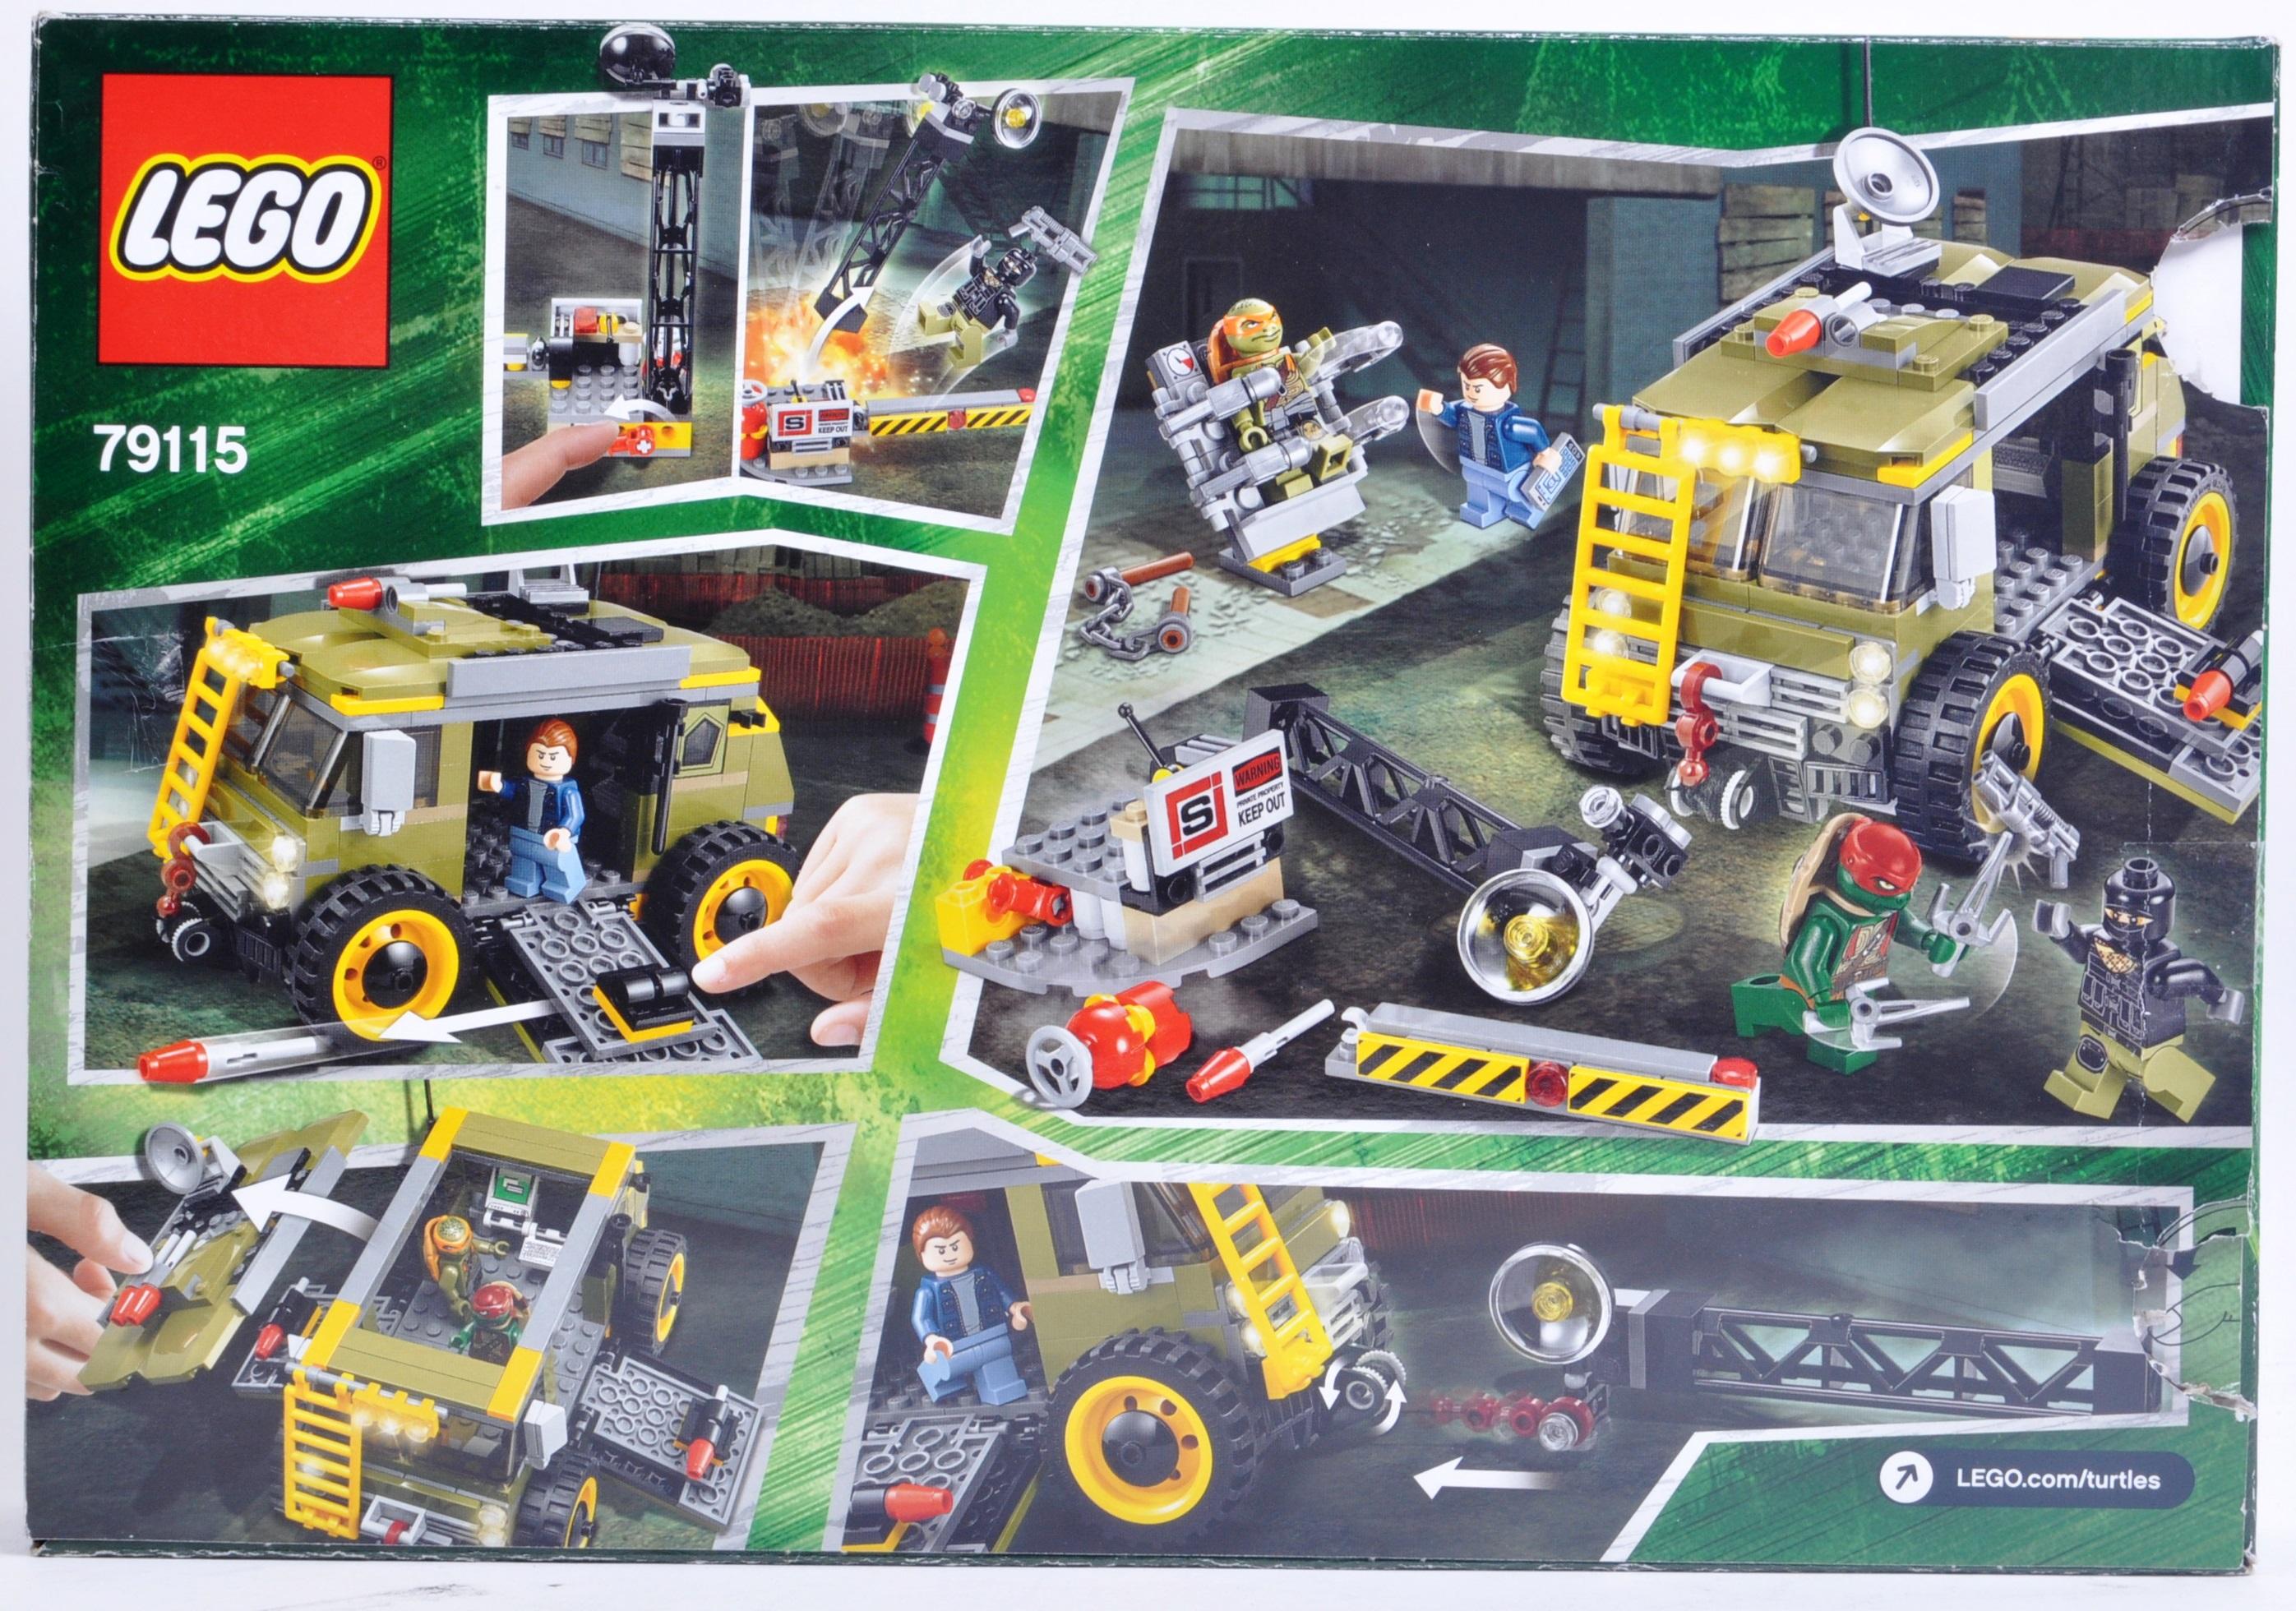 LEGO SET - LEGO NINJA TURTLES - 79115 - TURTLE VAN TAKEDOWN - Image 2 of 3